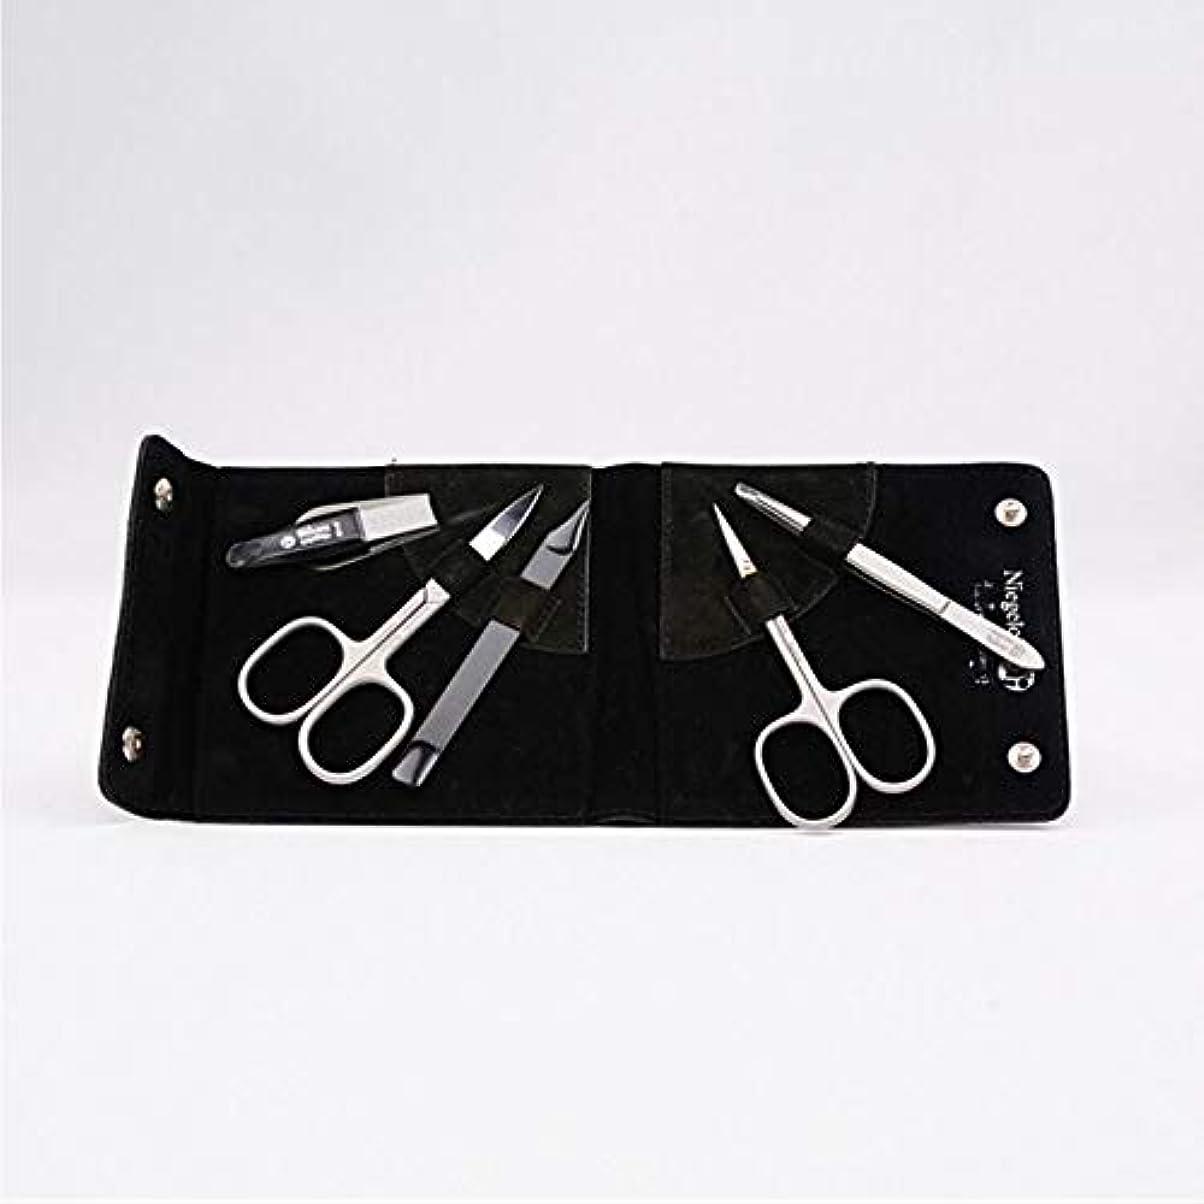 クリアスリット邪悪なZGSH 高品質の爪切りセット、マニキュアネイルキット5、ステンレス鋼、シャープで耐久性のある (Color : Silver)